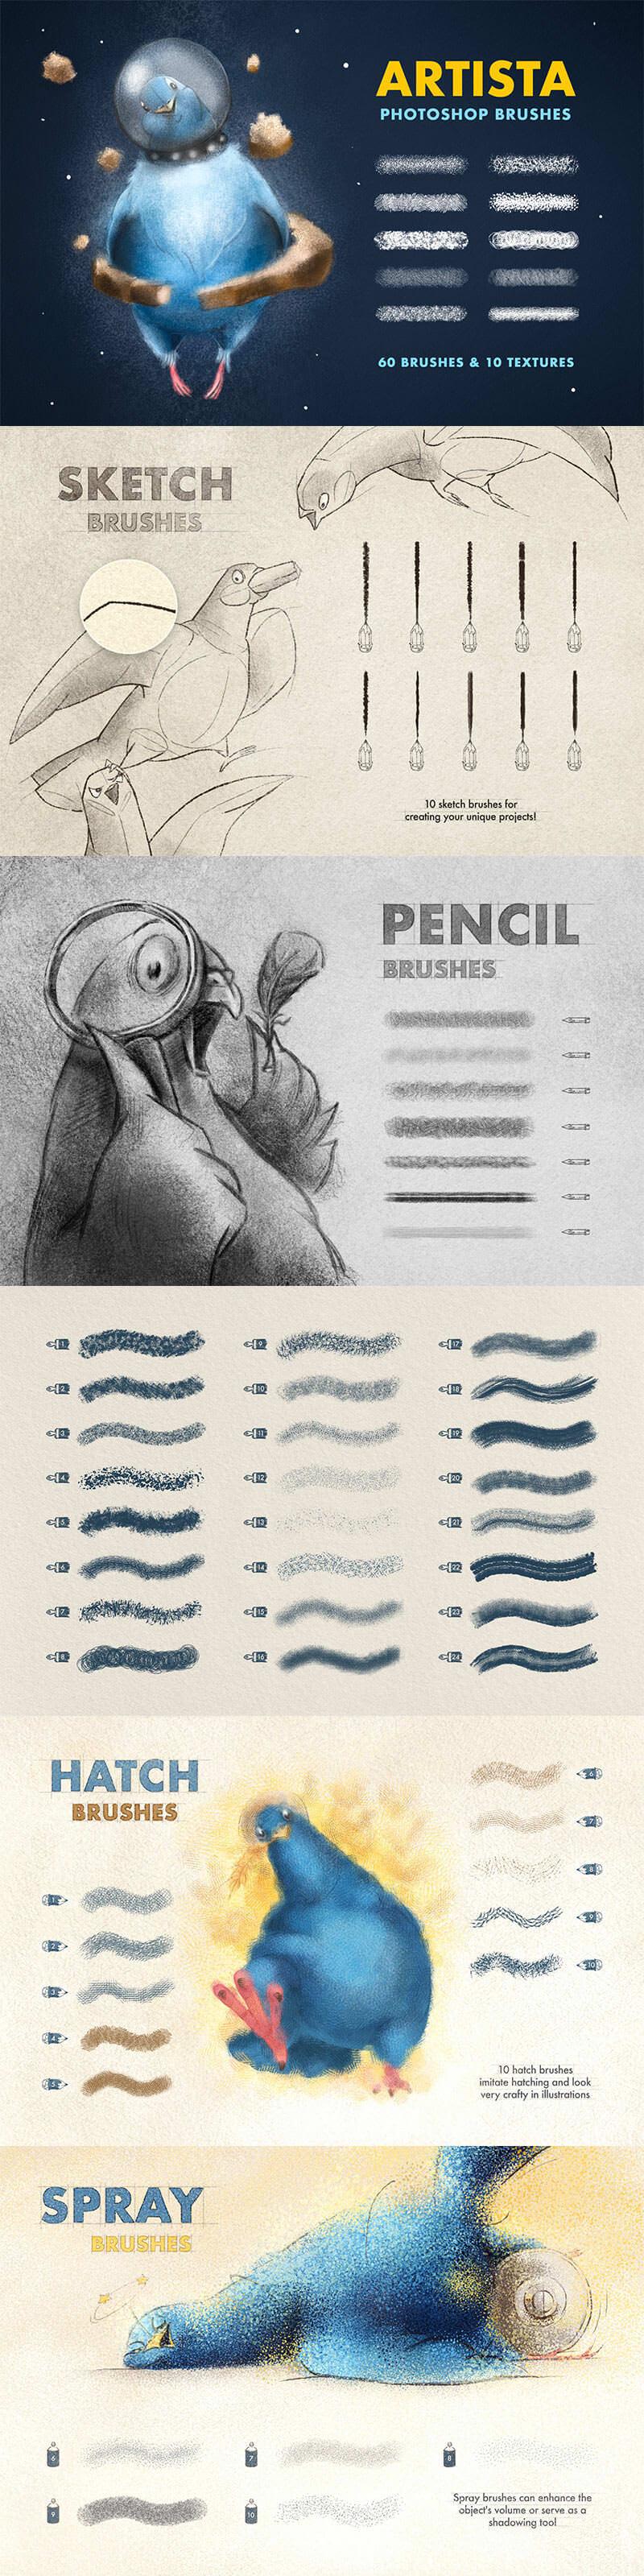 Artista-Photoshop-Brushes-main